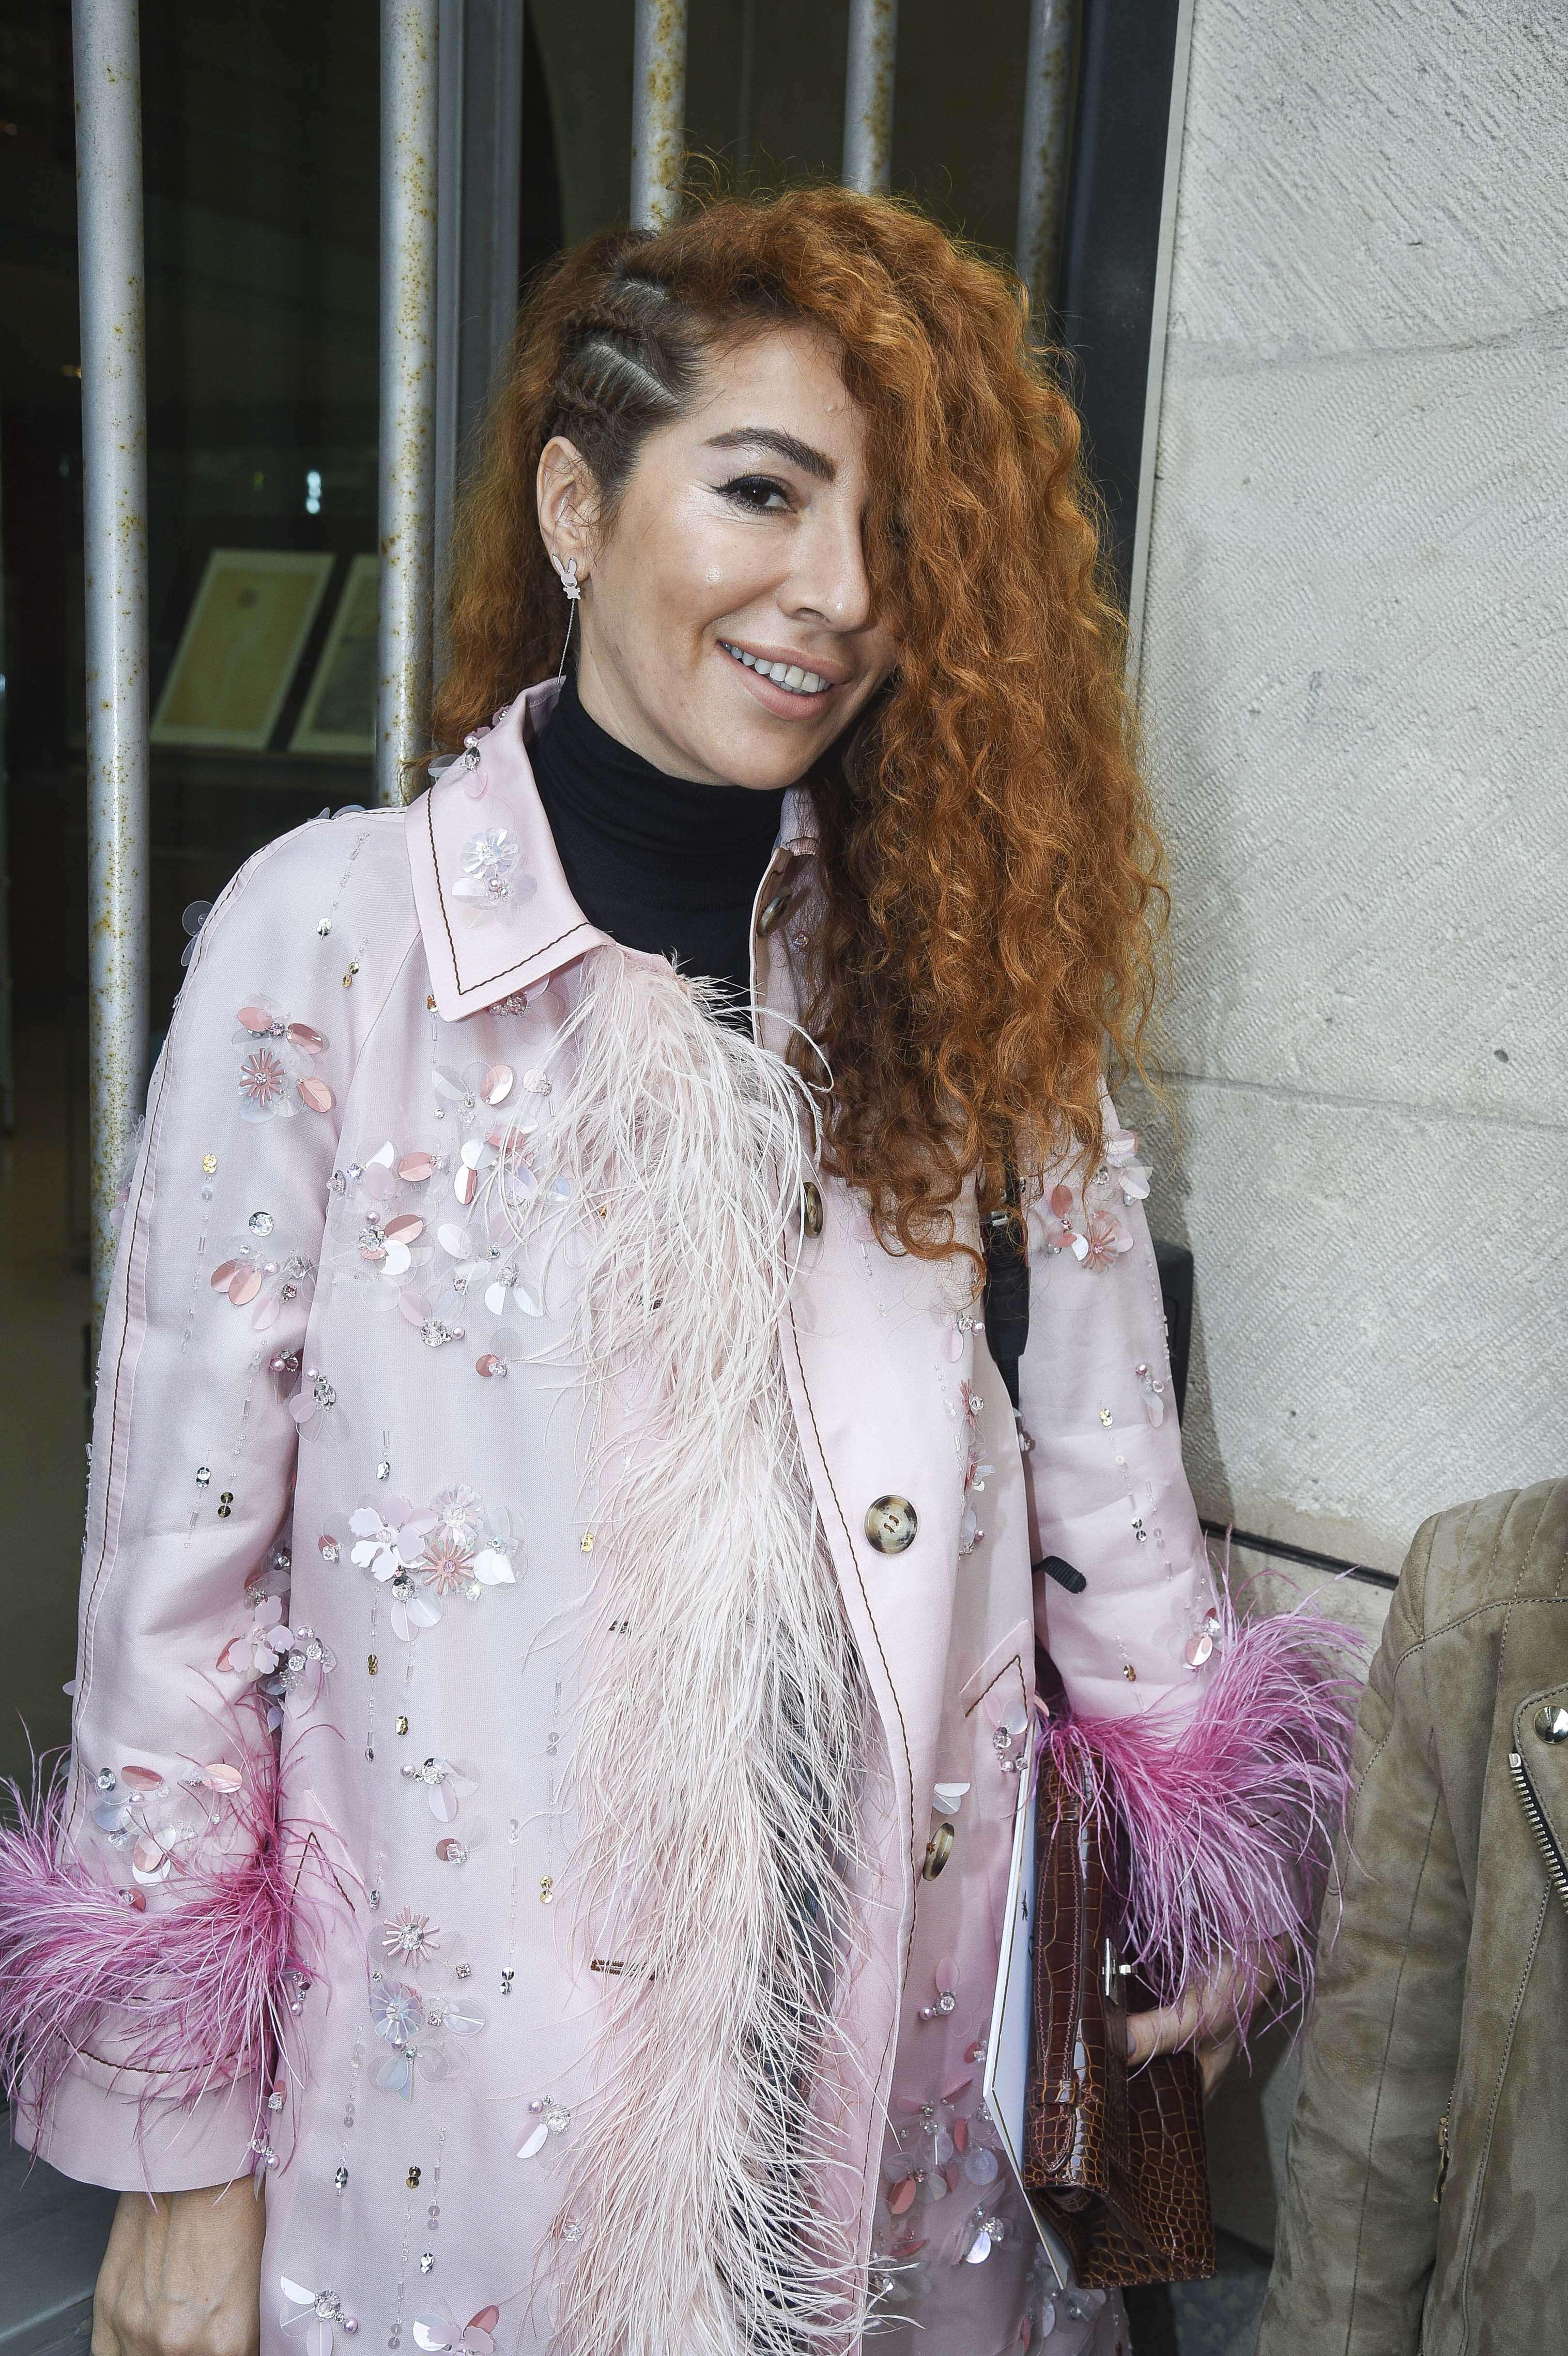 Mujer de melena enrulada, colorada, con cabello rapado de un costado y rulos del otro